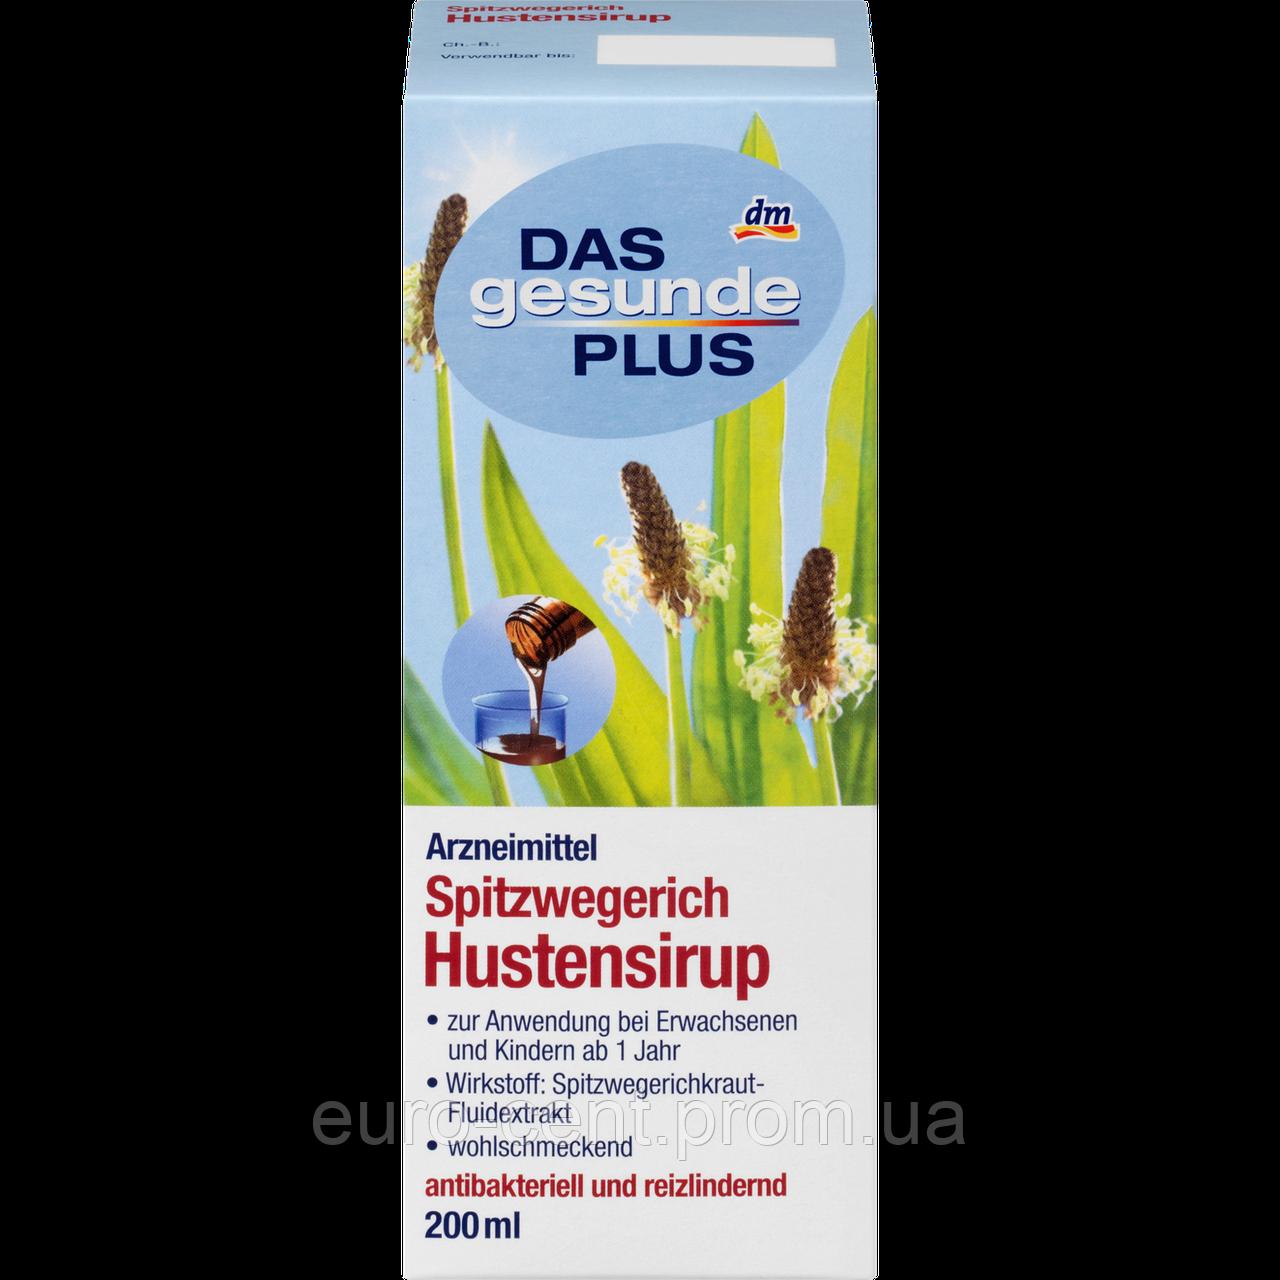 Сироп от кашля с подорожником, Das gesunde Plus, 200мл